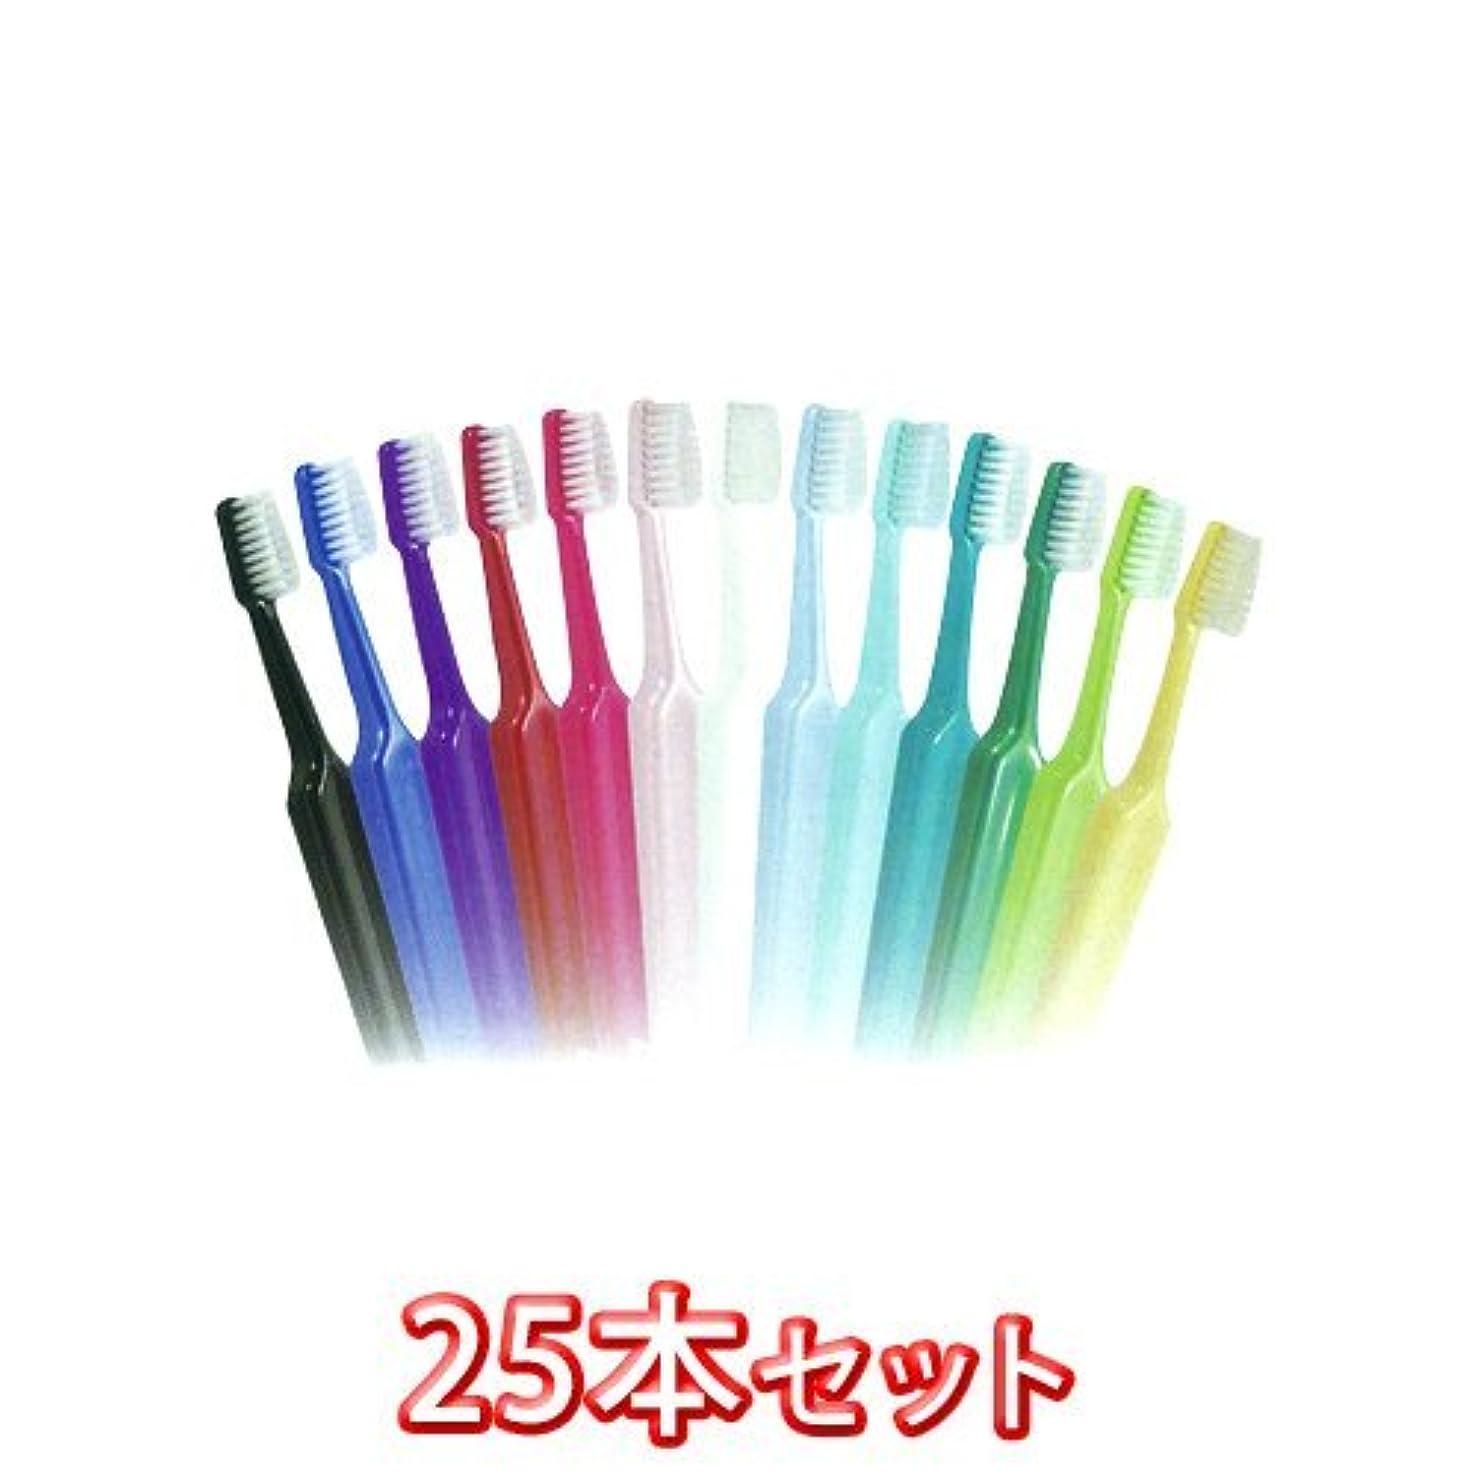 アフリカマトリックスエスカレートクロスフィールドTePeテペセレクトコンパクト歯ブラシ 25本(コンパクトエクストラソフト)